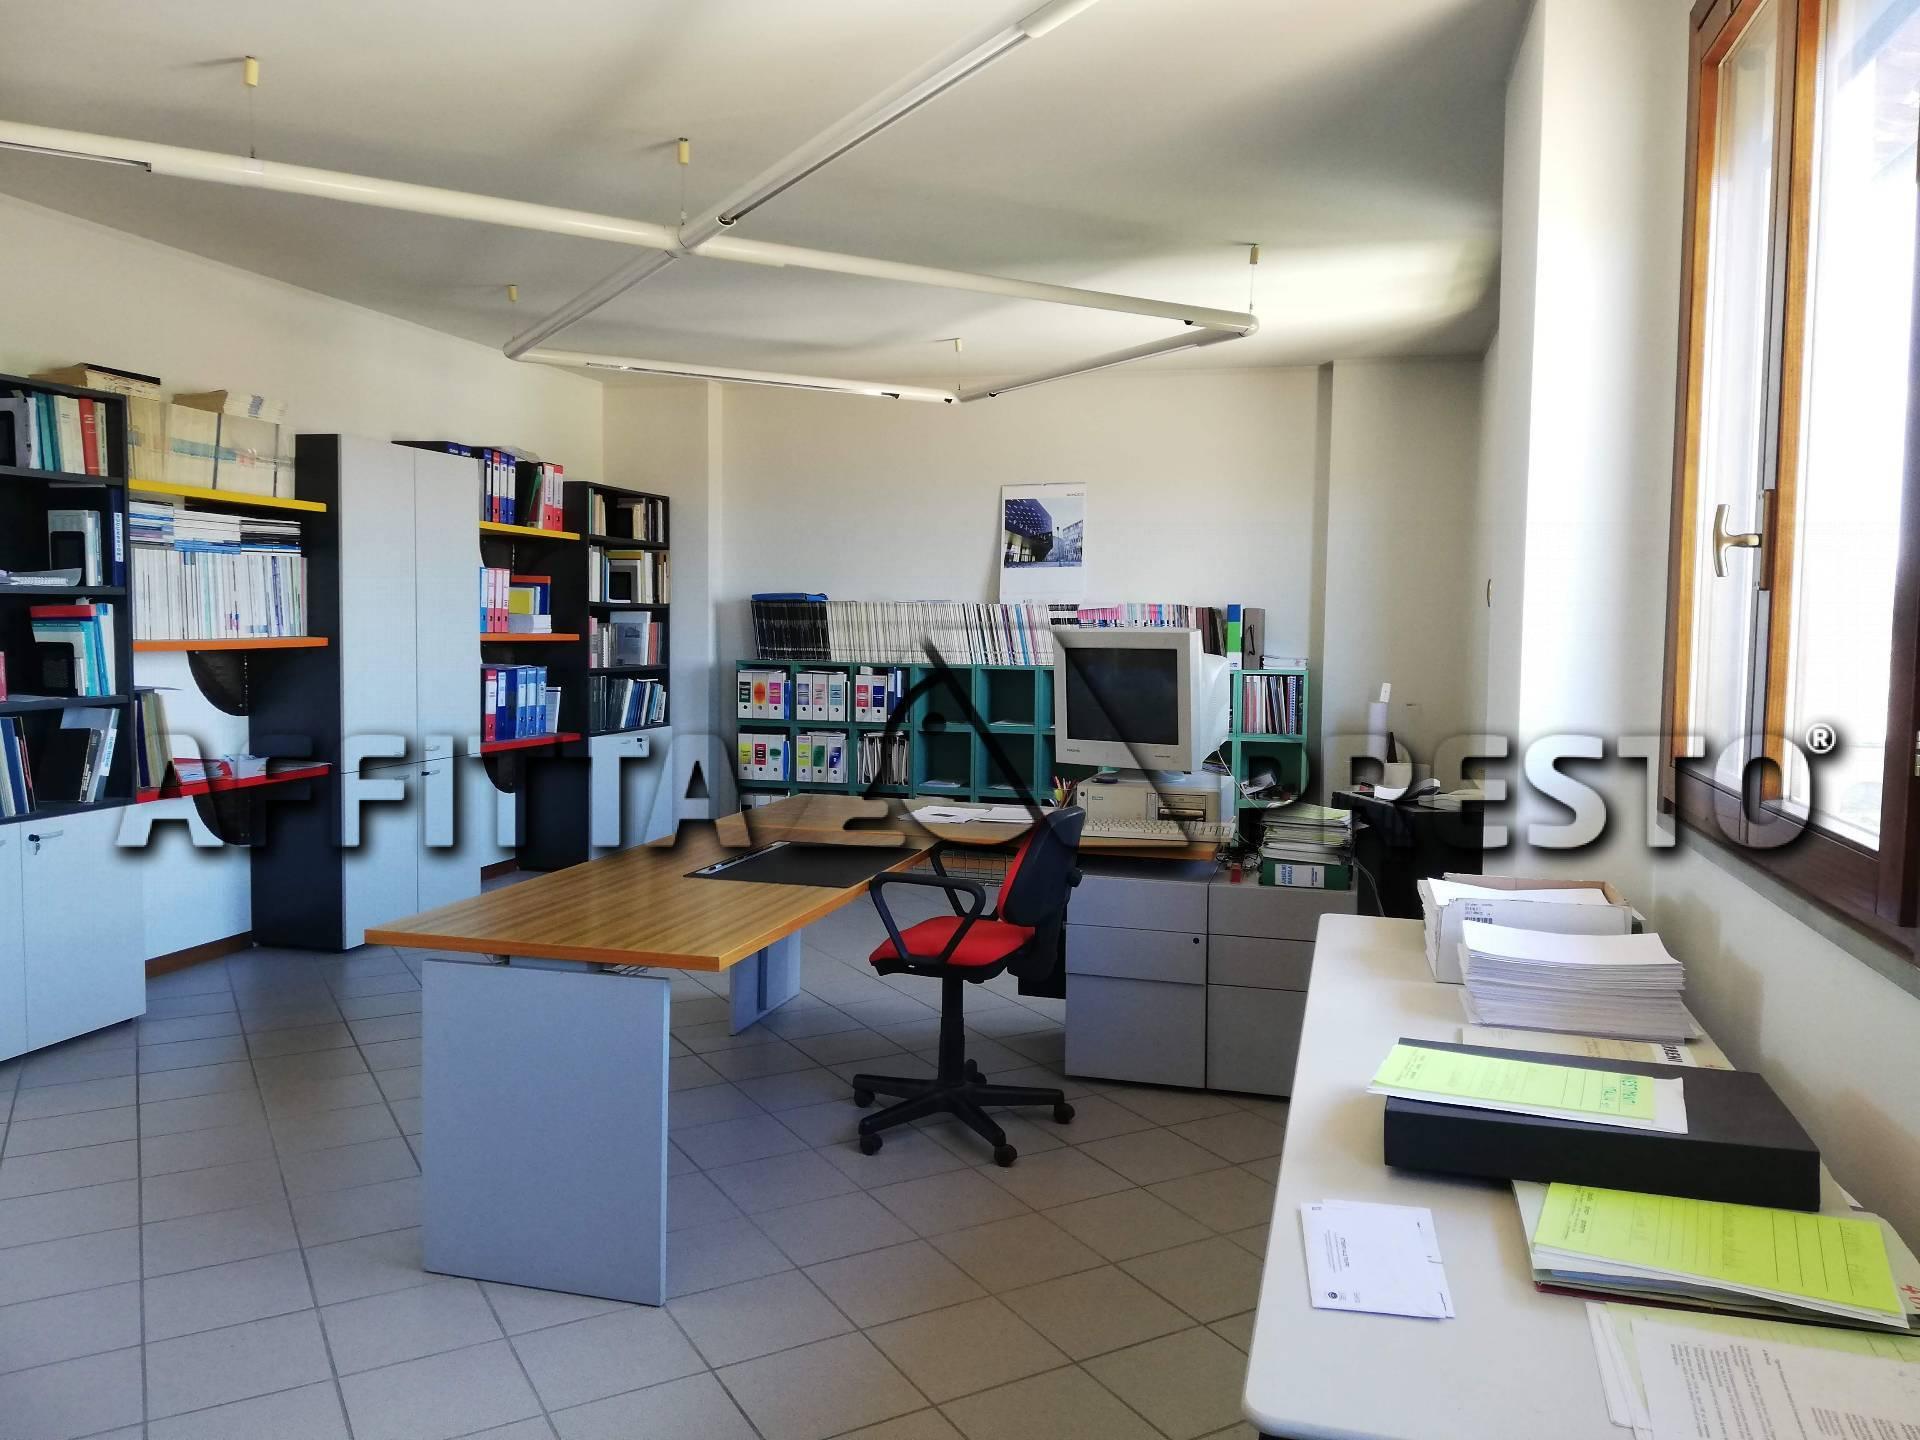 Ufficio in affitto a Santa Croce sull'Arno (PI)